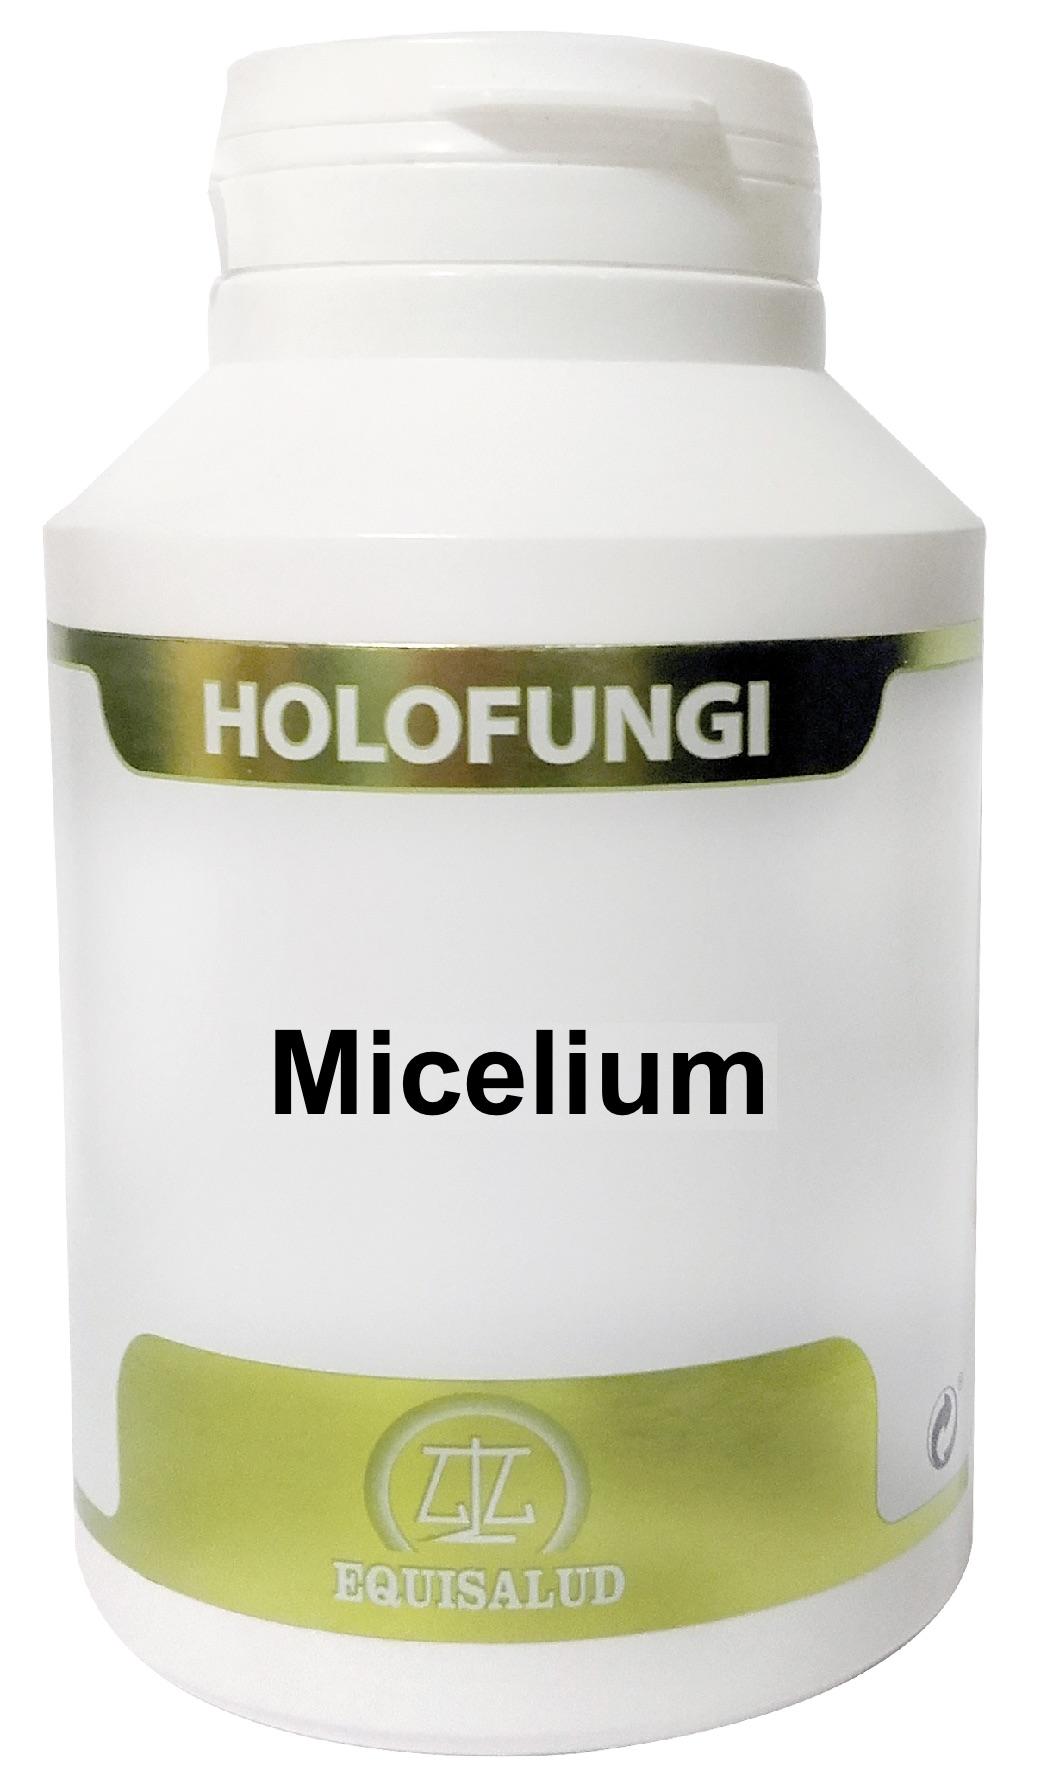 holofungi_micelium_180.jpg